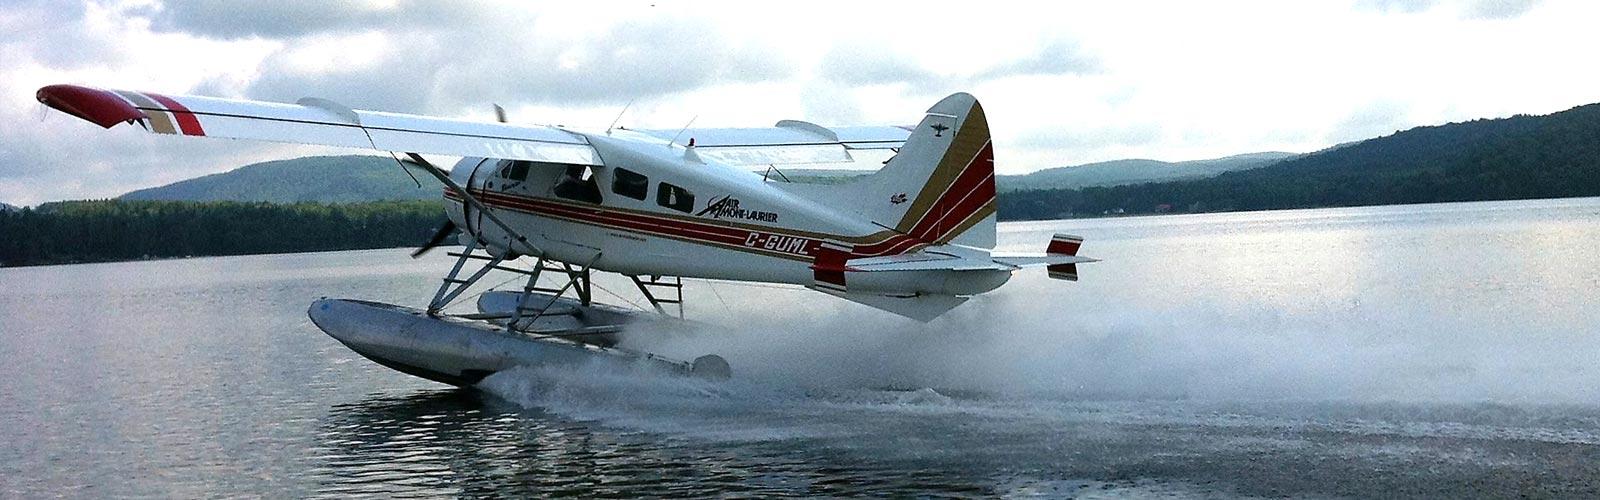 Pourvoirie au Québec, Canada - Avion